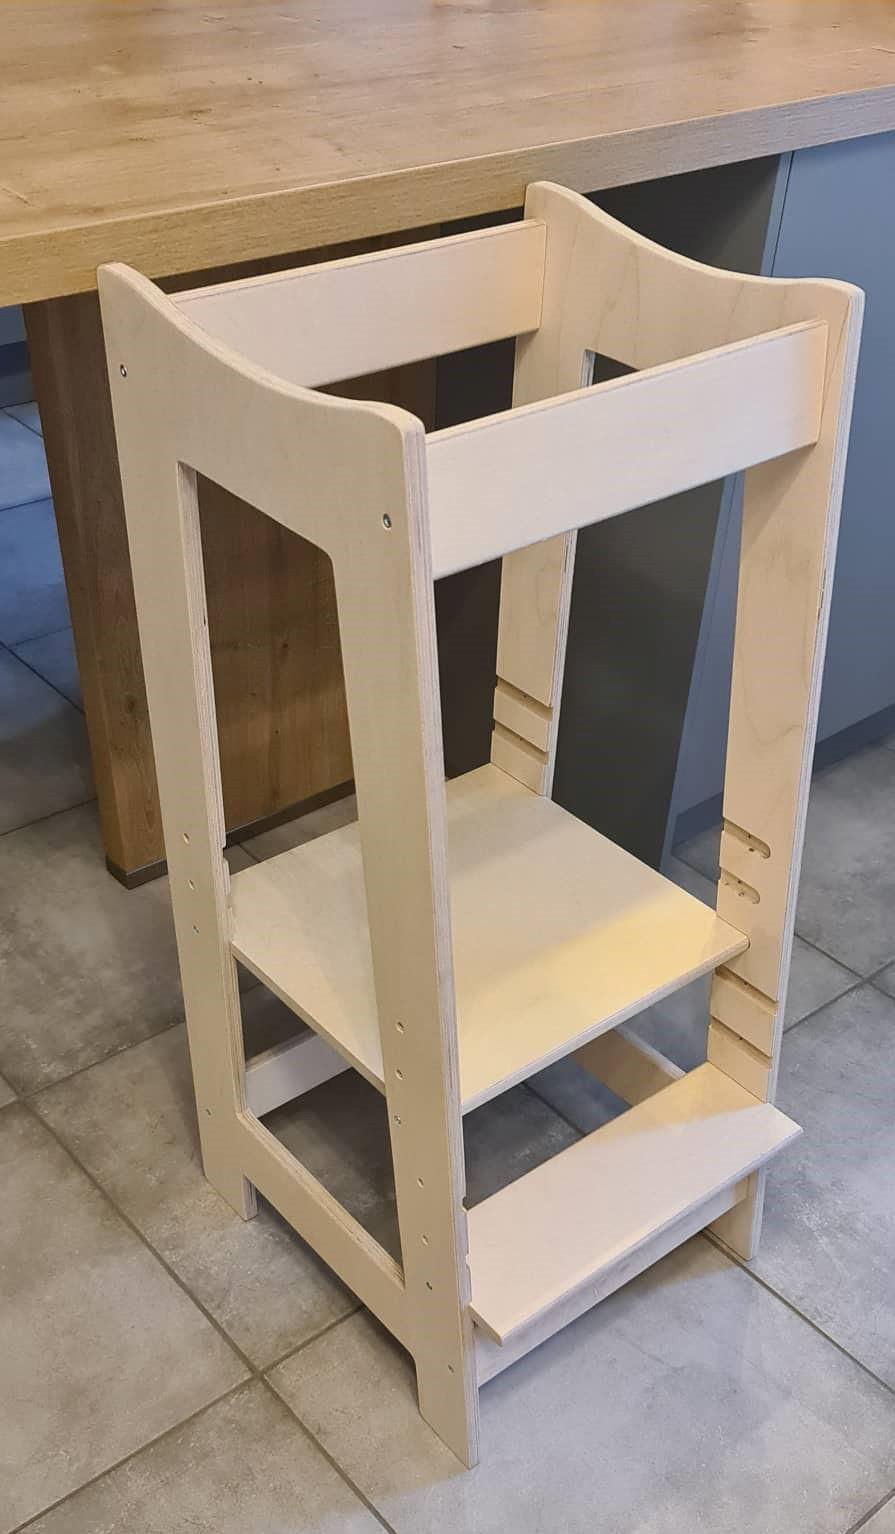 La tour d'apprentissage RoyauT propose 3 niveaux de hauteur pour sa plate-forme.